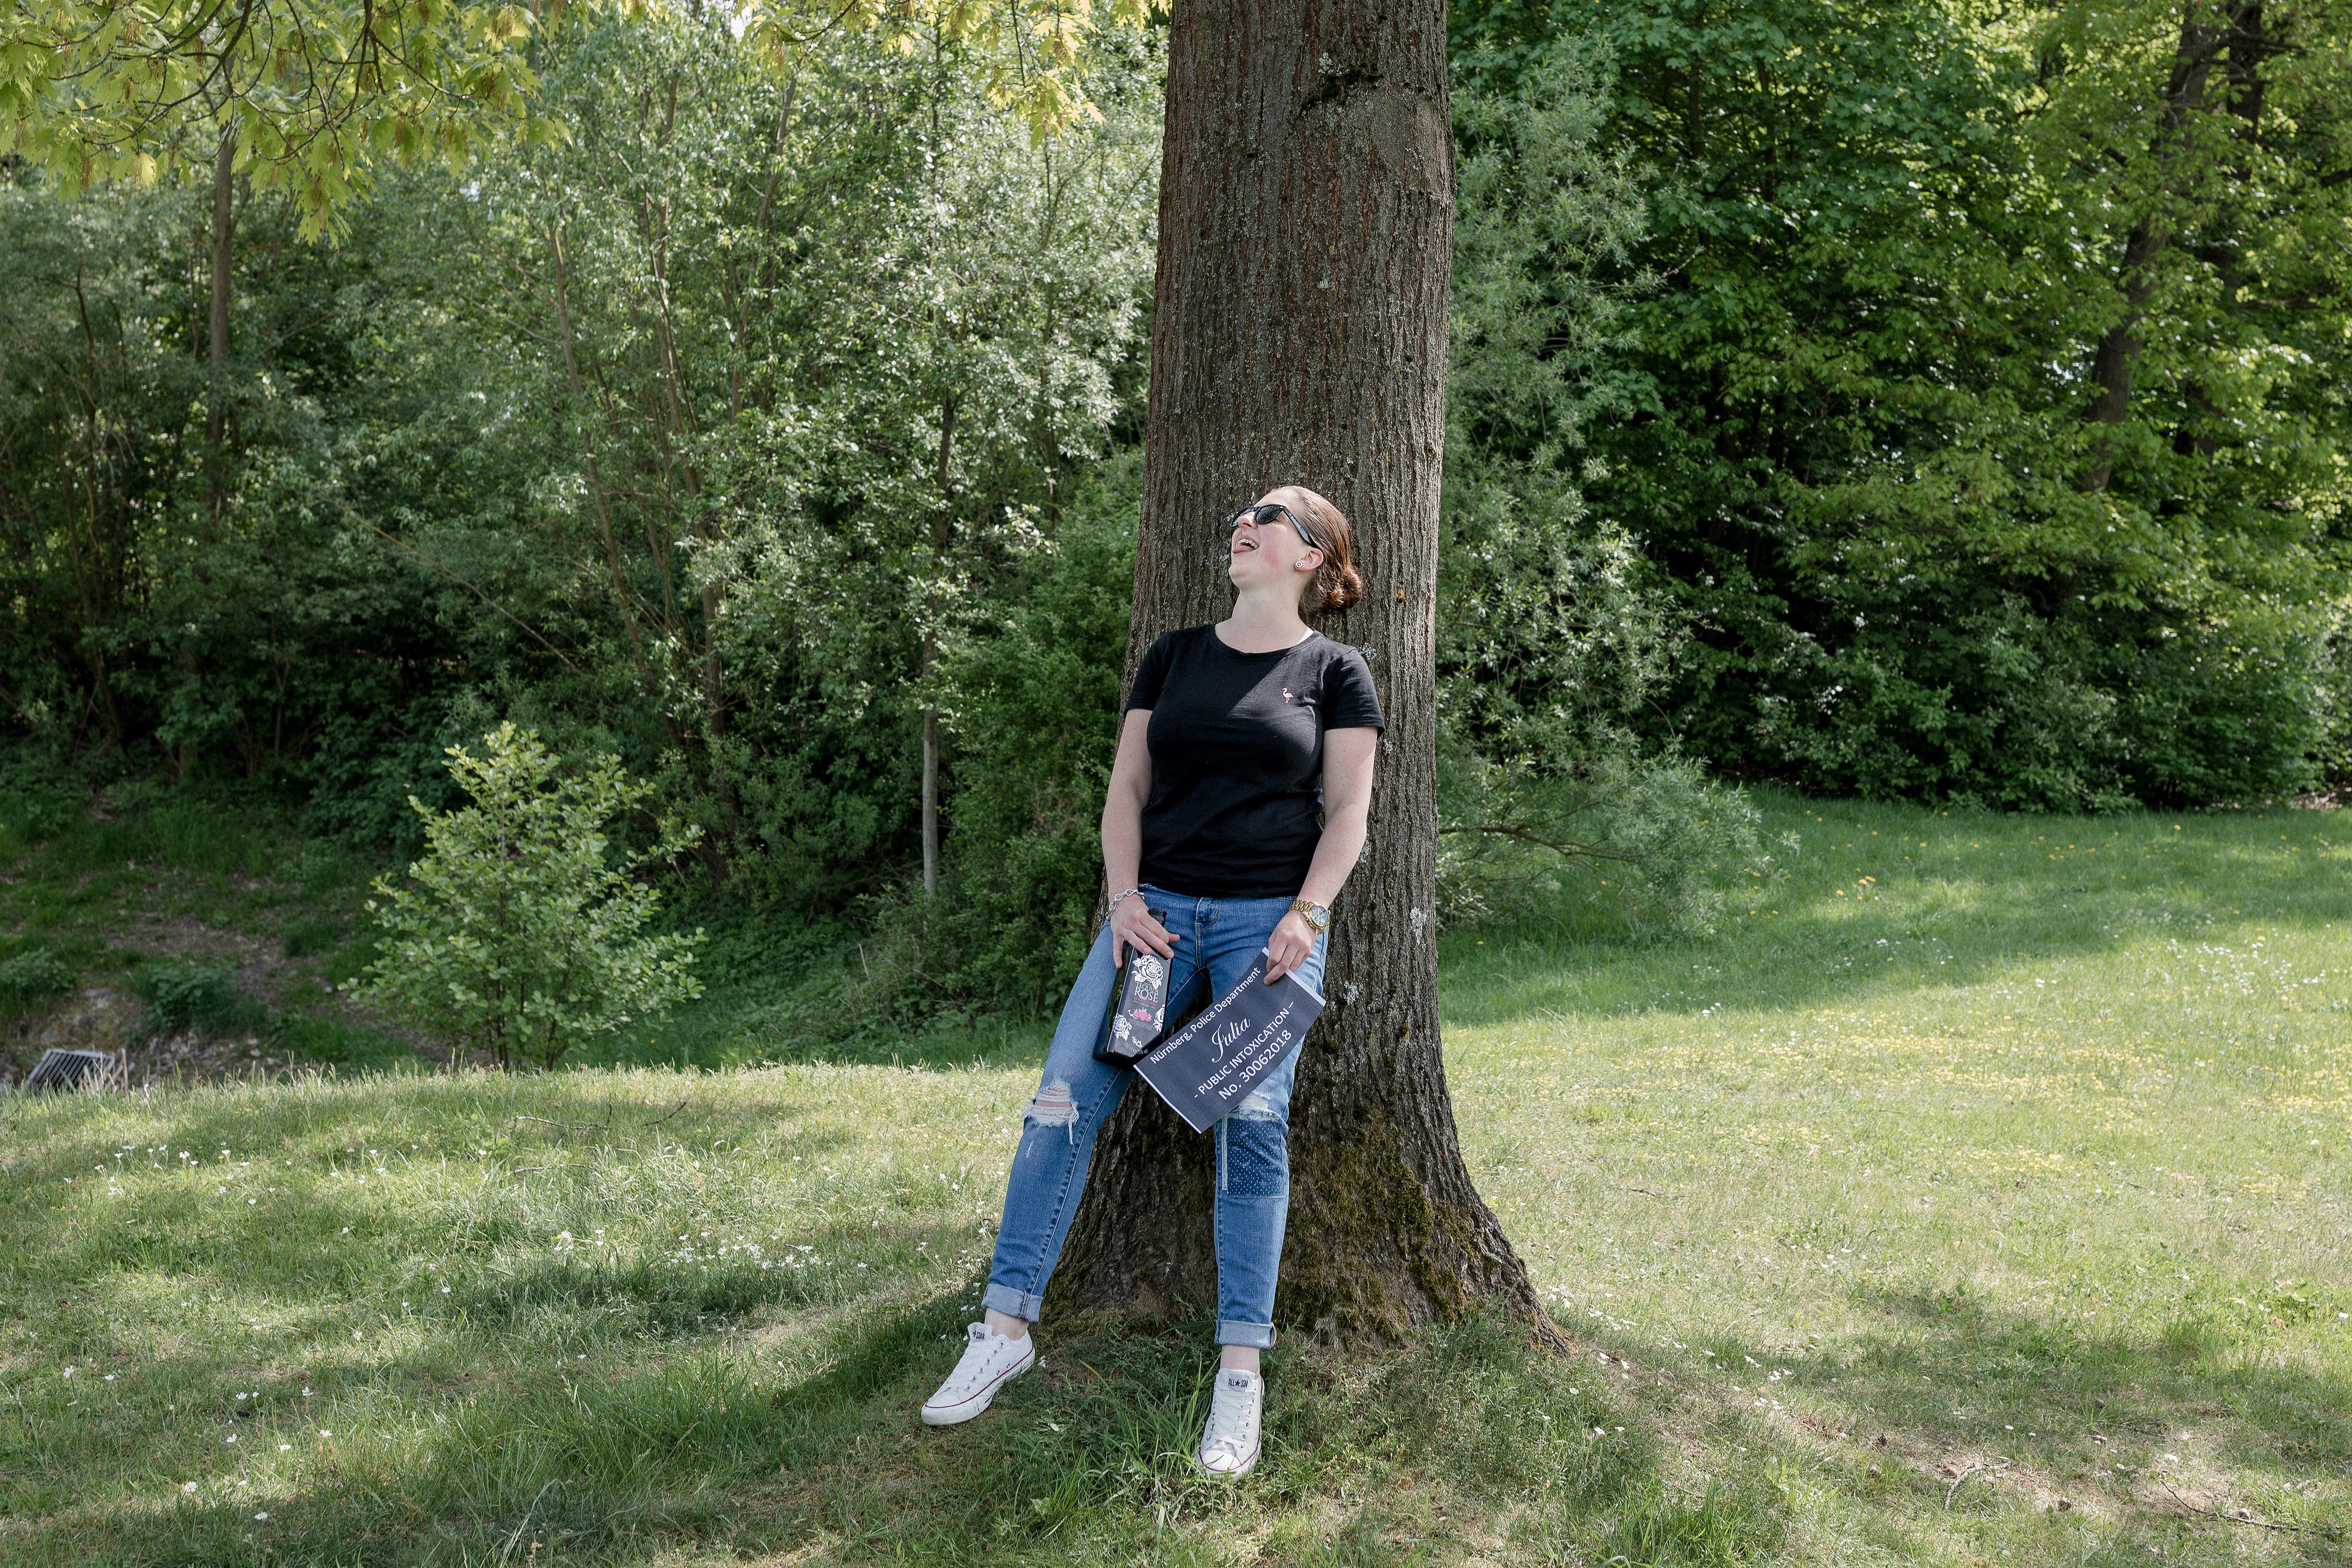 URBANERIE_Daniela_Goth_Vintage_Fotografin_Nuernberg_Fuerth_Erlangen_180428_002_0134